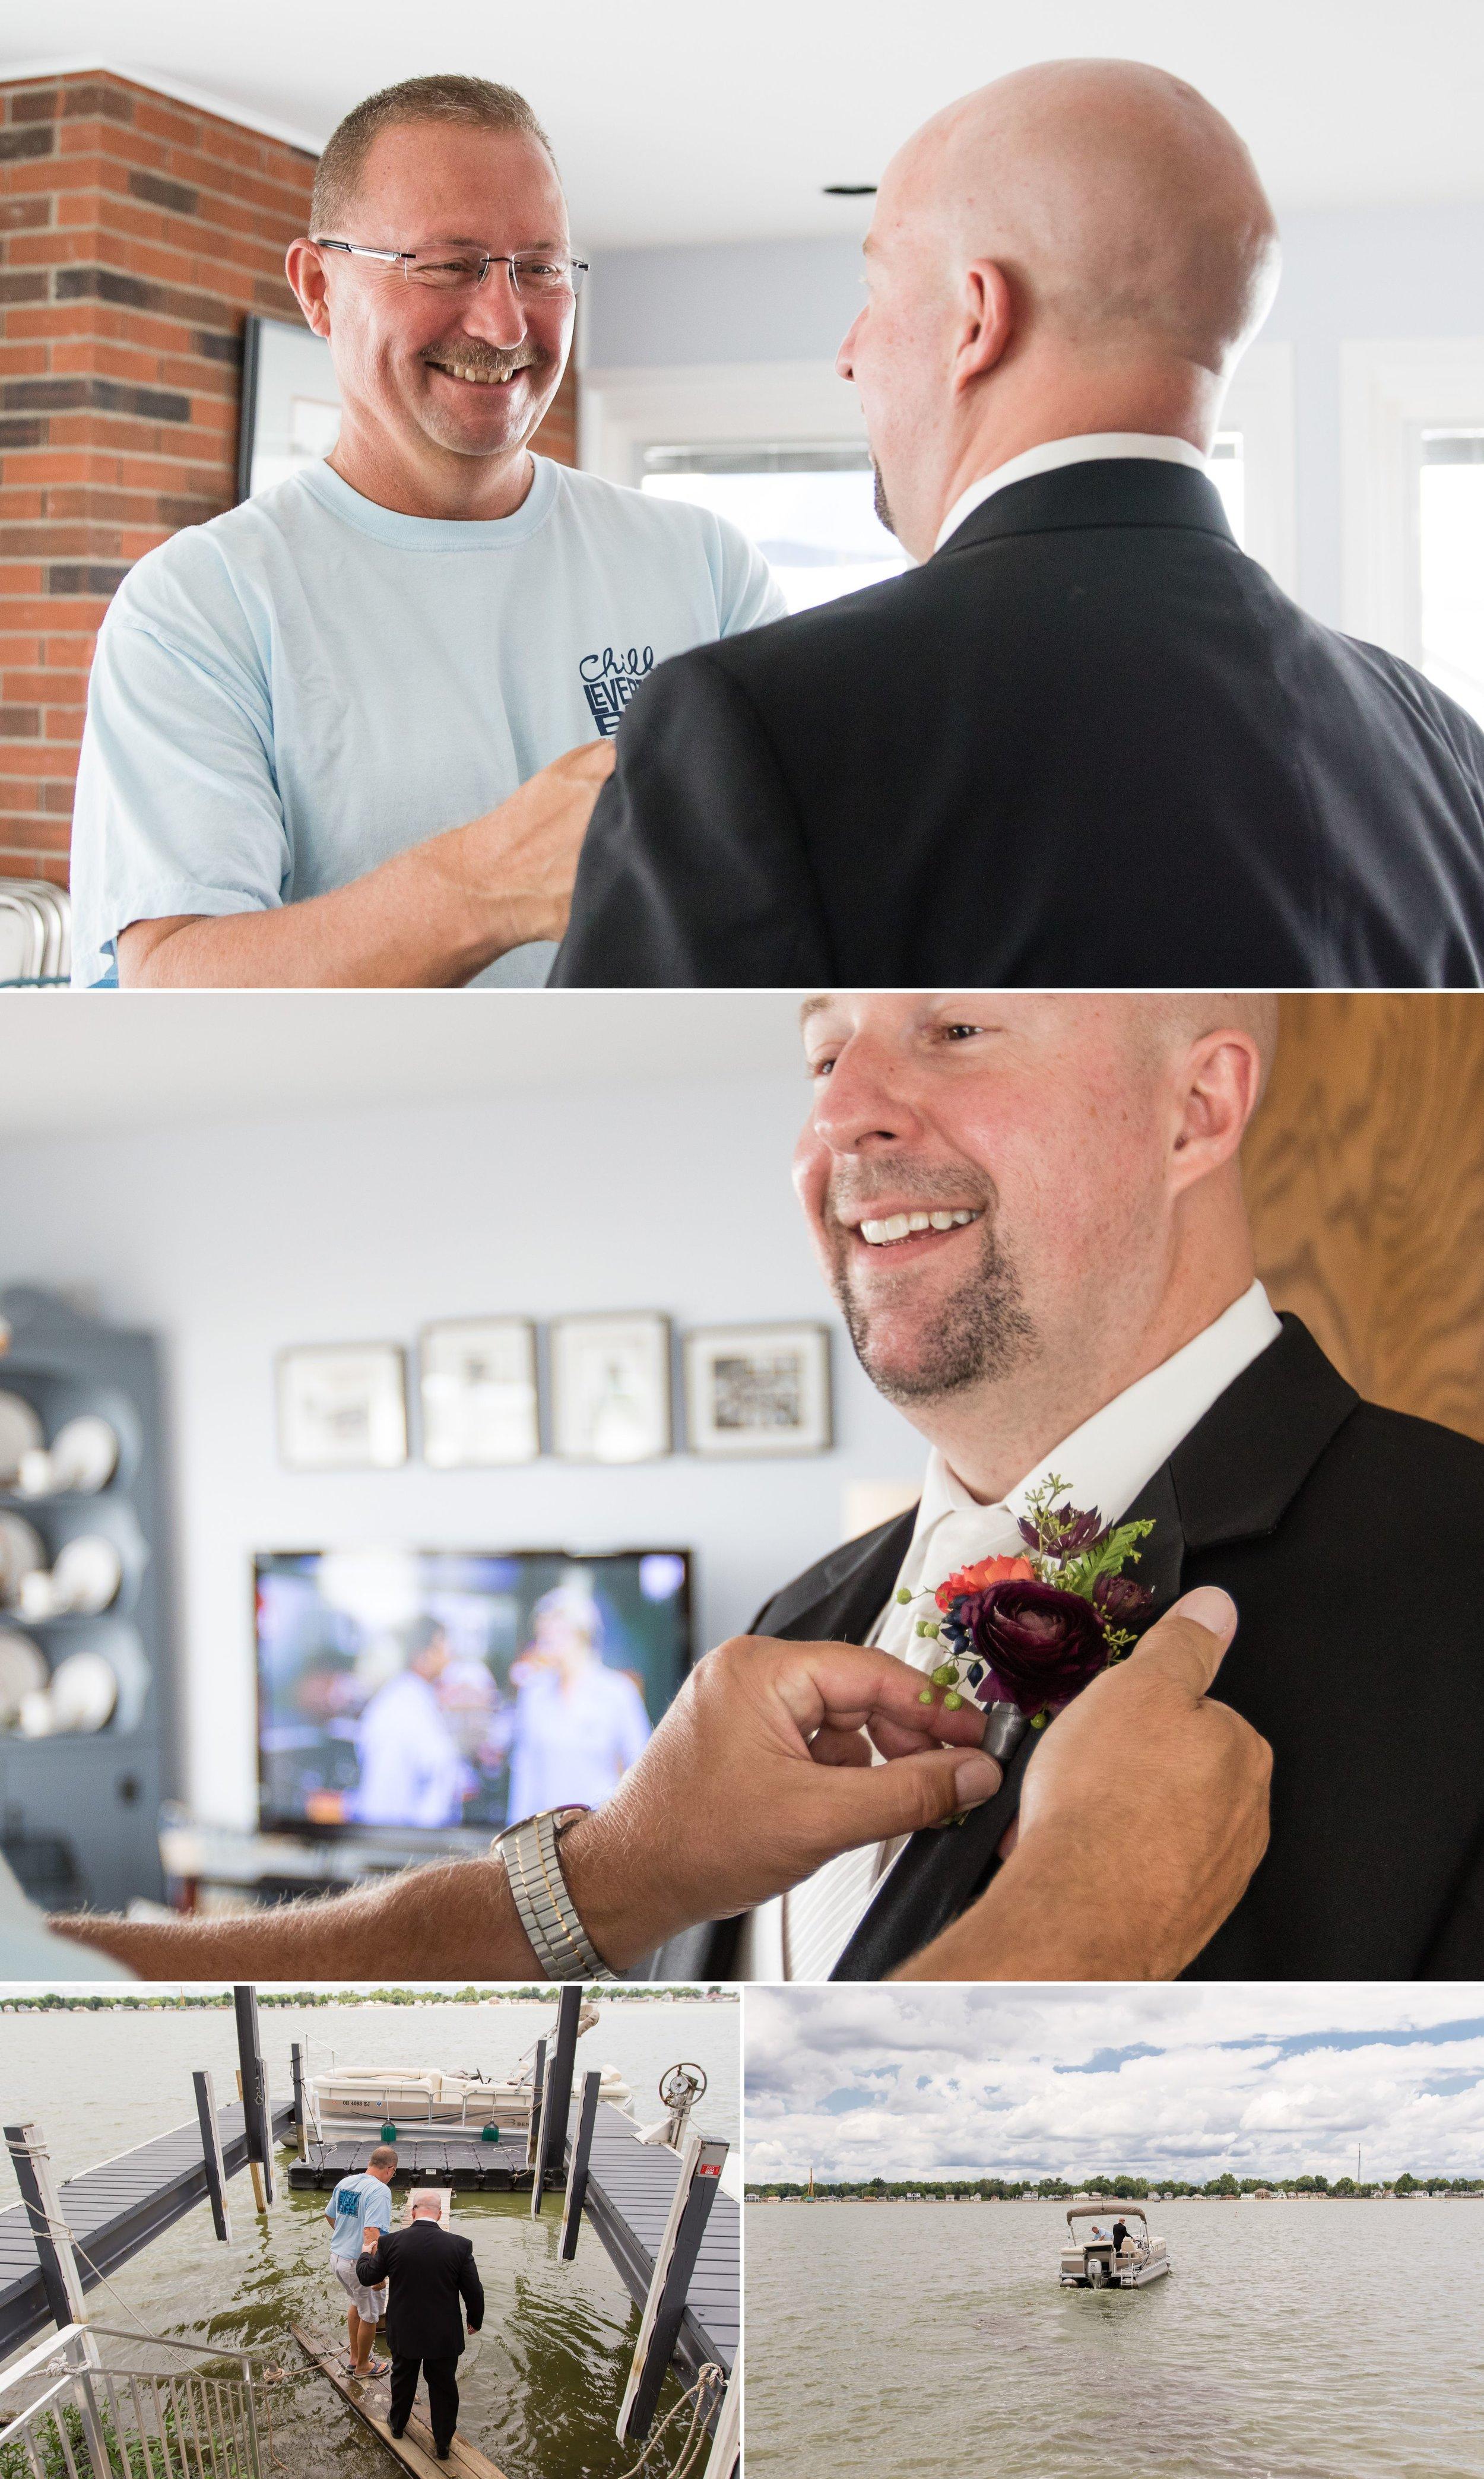 002-Buckeye-lake-winery-wedding-getting-ready-groom-columbus-ohio-wedding-photography-muschlitz-photography-02.JPG